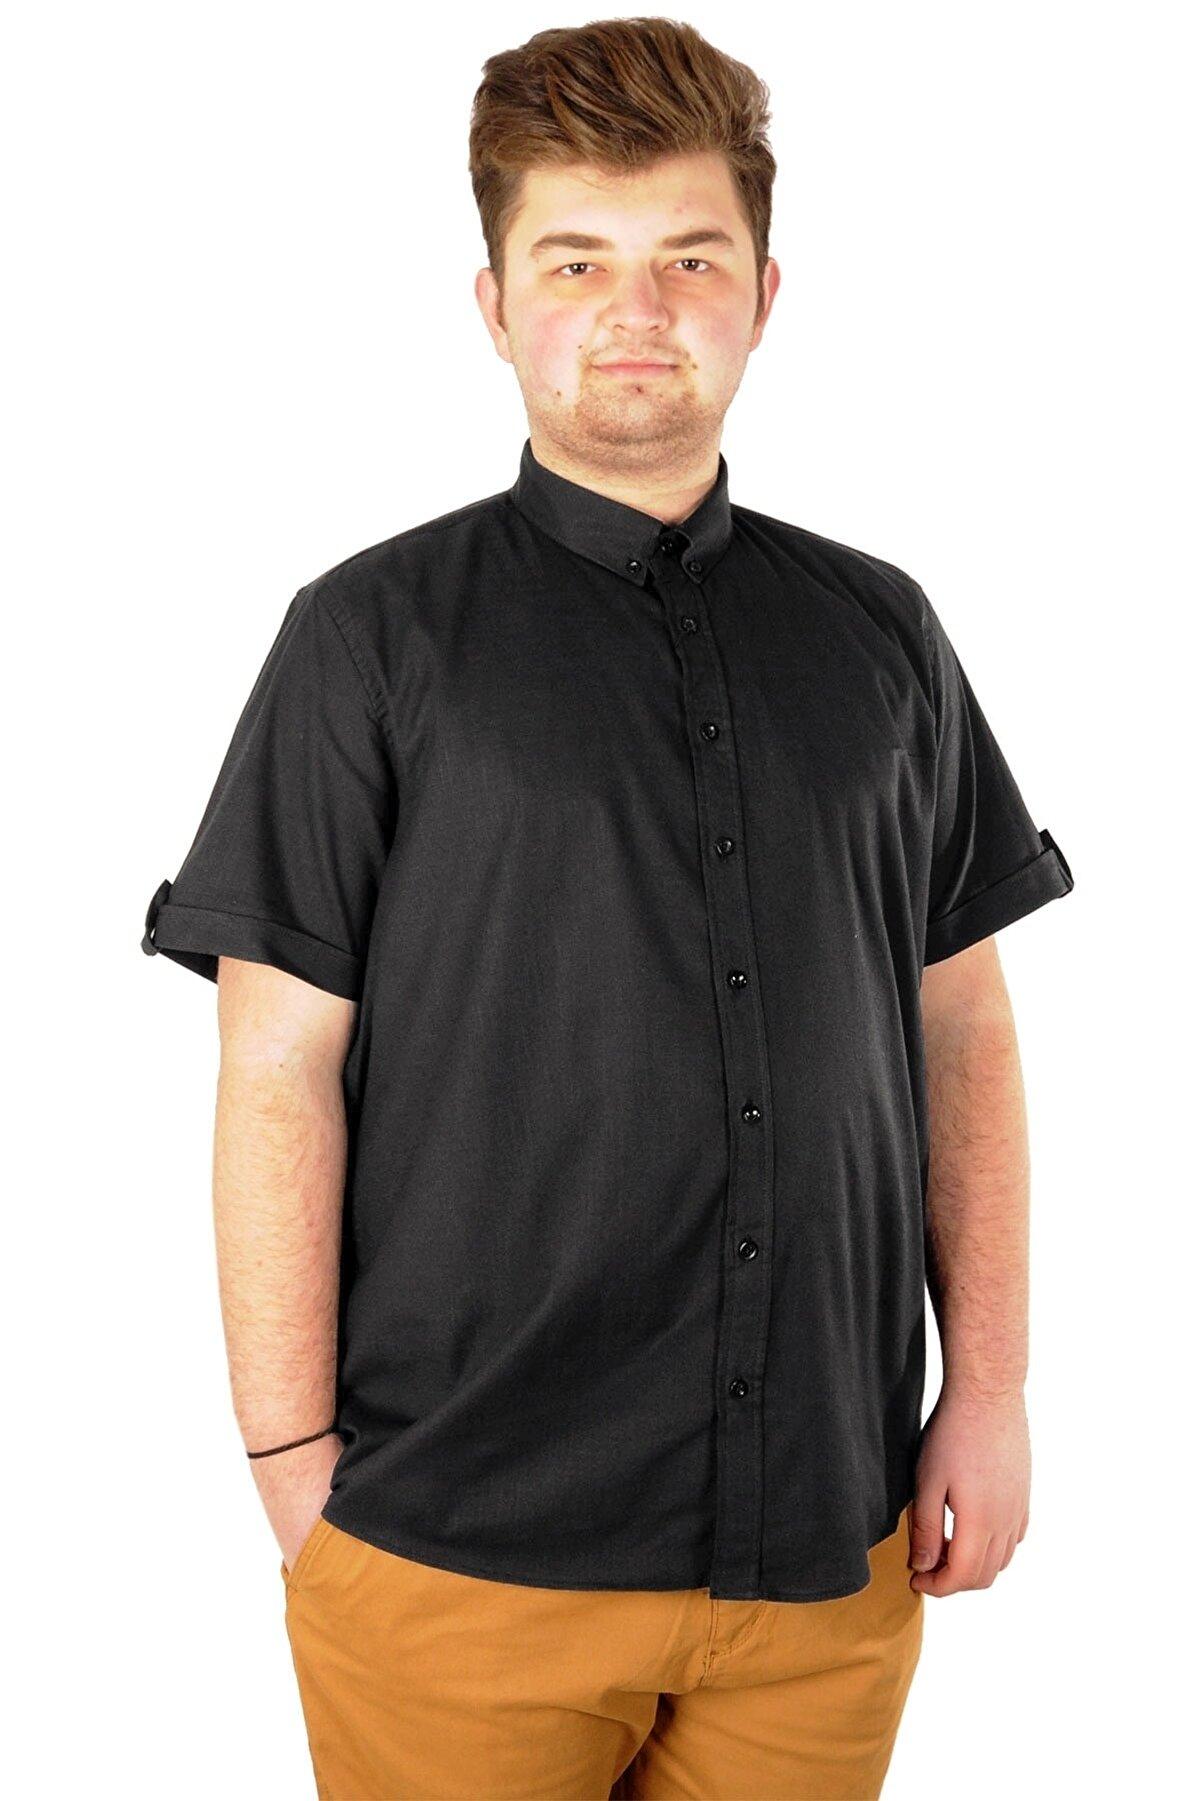 Modexl Büyük Beden Erkek Keten Likralı Gömlek 20393 Siyah